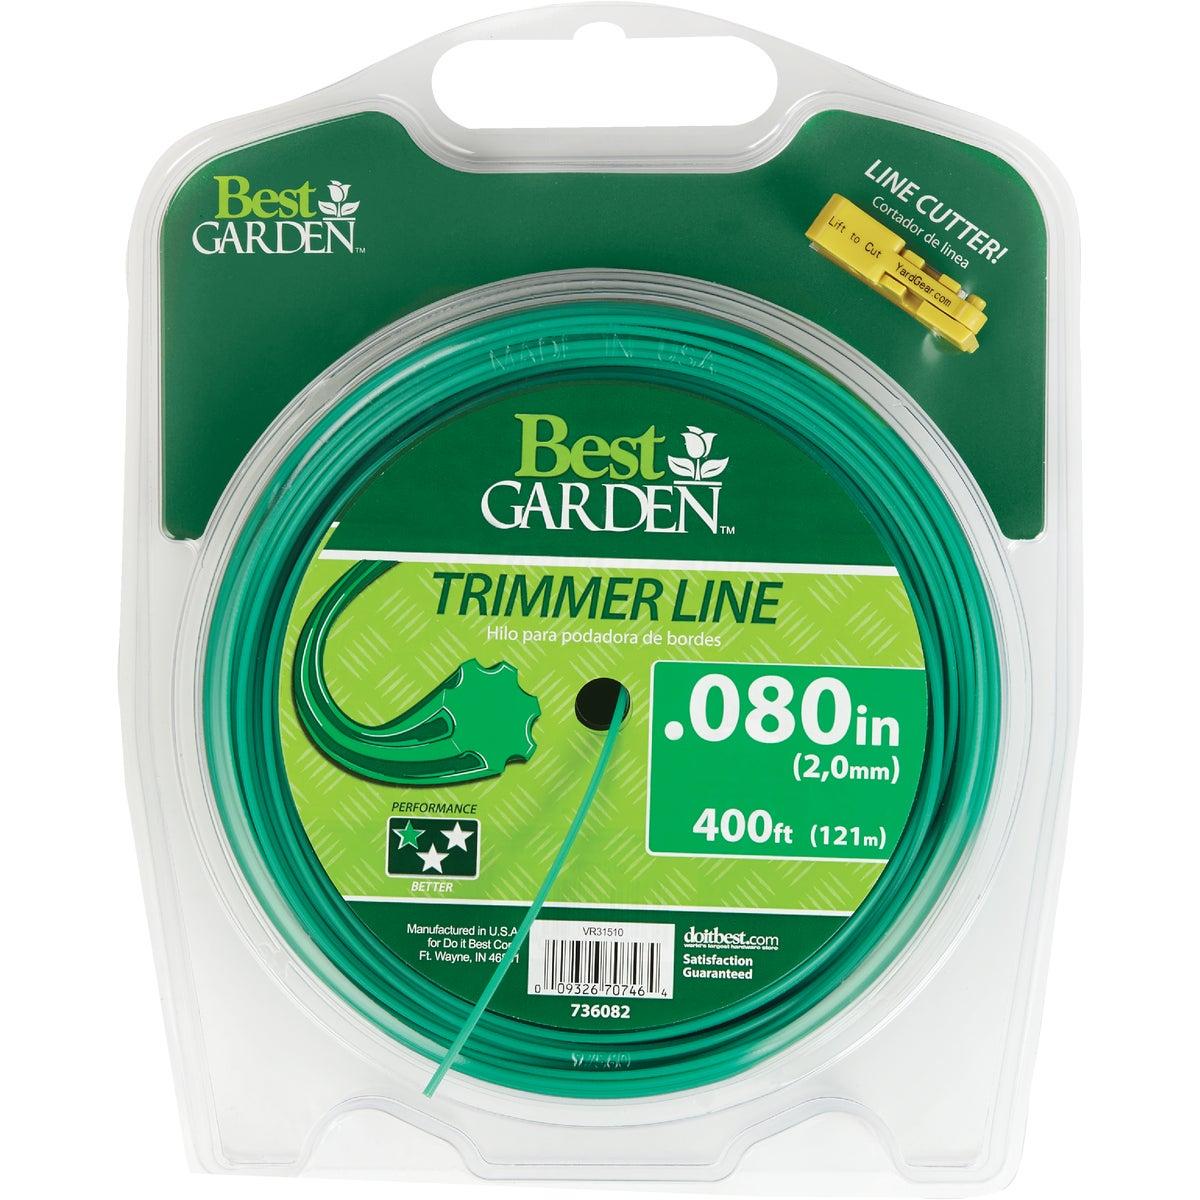 .080 400' TRIMMER LINE